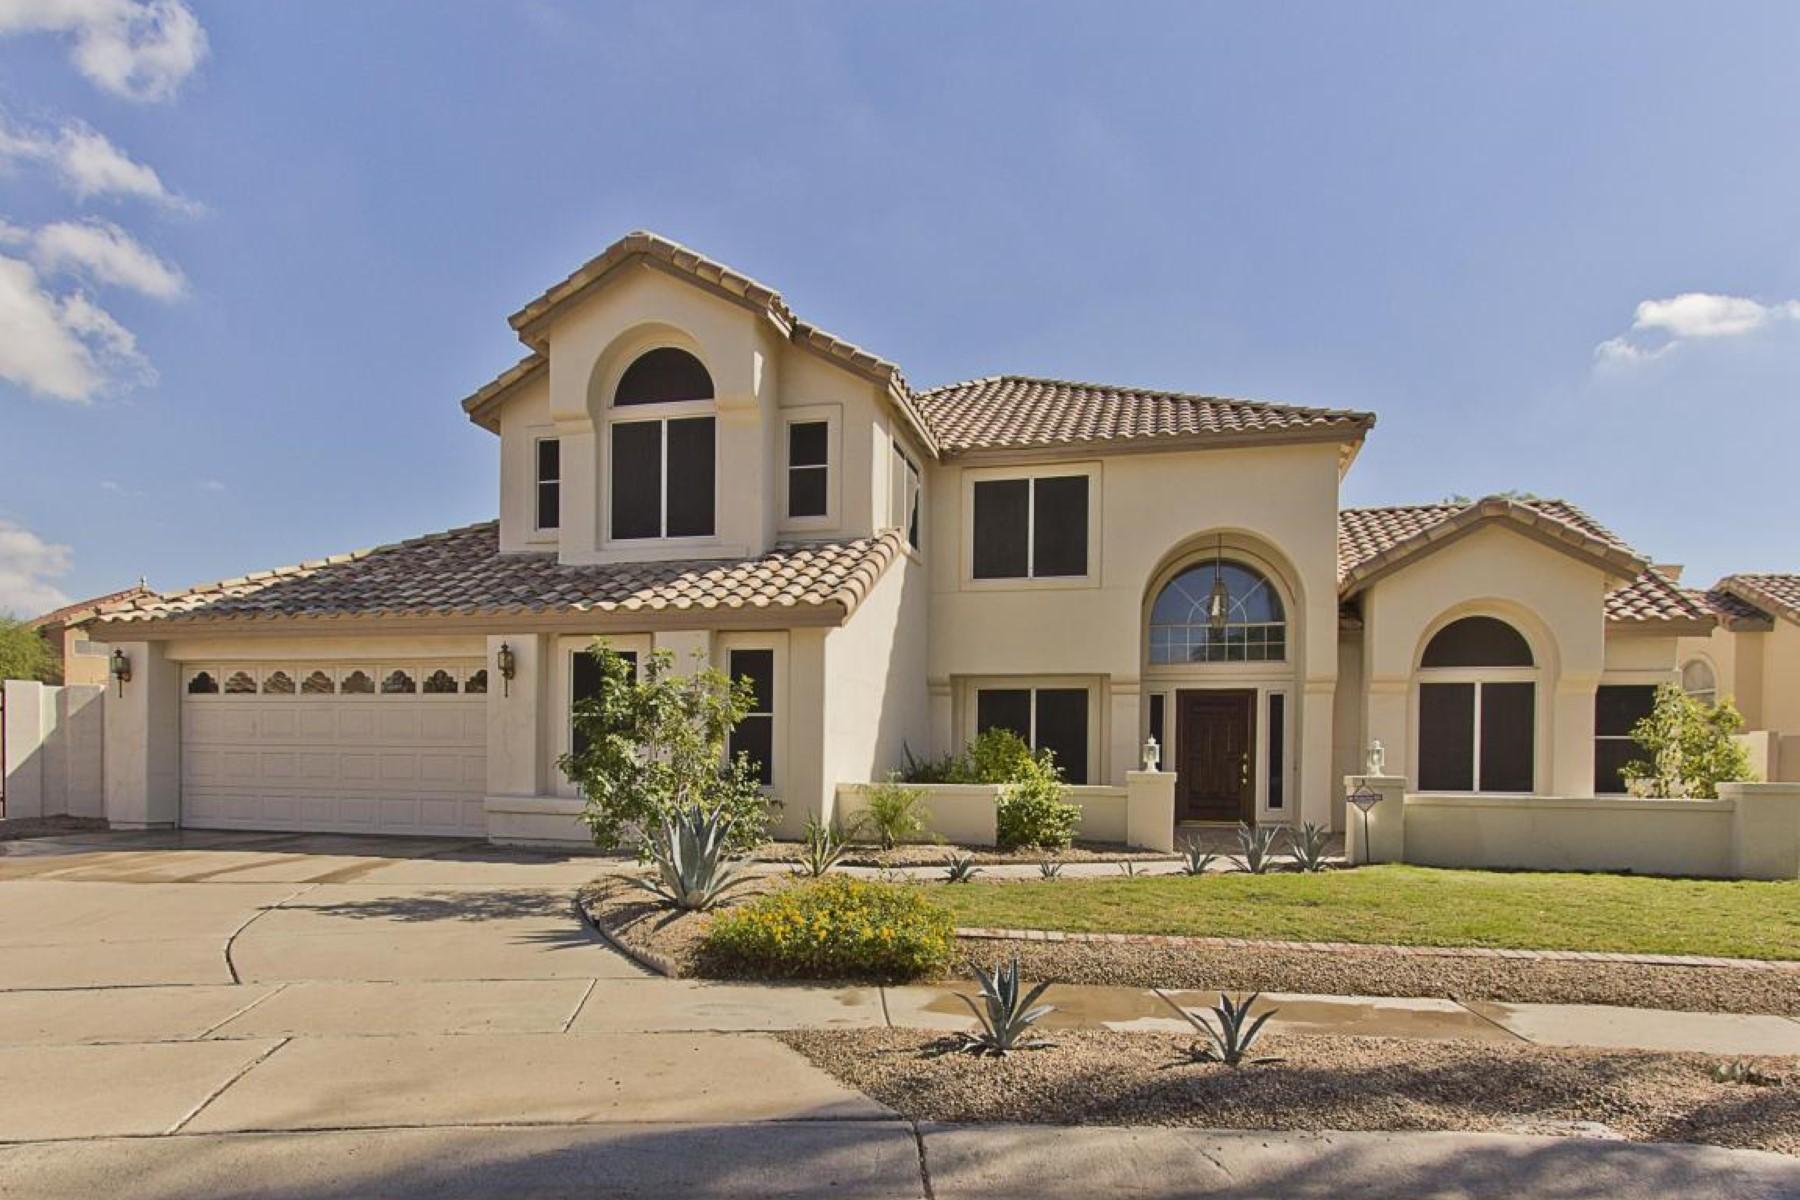 Частный односемейный дом для того Продажа на Sought After Seville Model in Prestigious Diamond Ridge 3723 E Park Ave E Phoenix, Аризона 85044 Соединенные Штаты